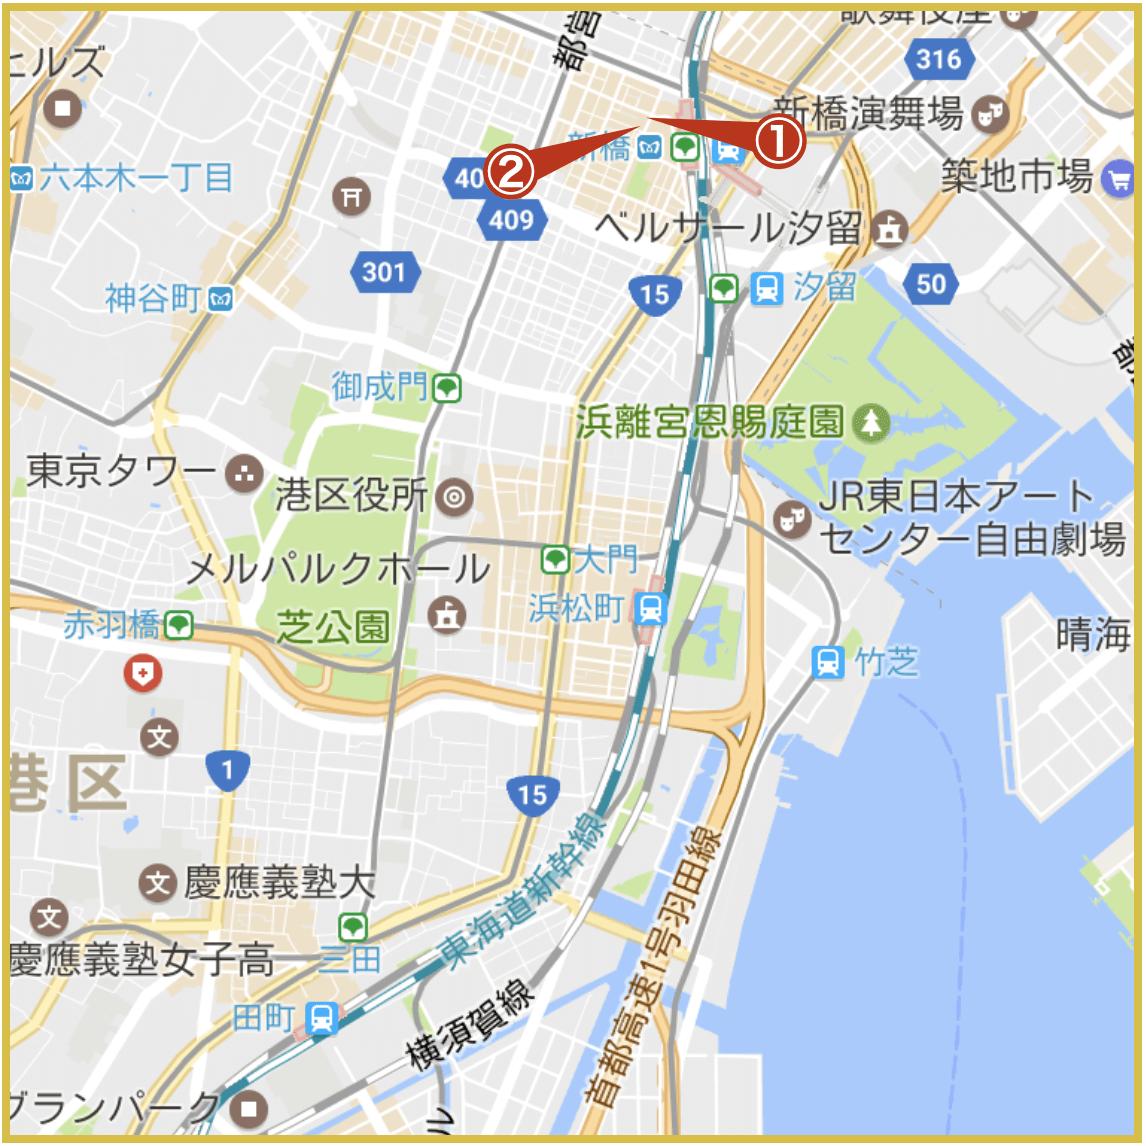 田町駅から最寄りにあるプロミス店舗・ATMの位置(2020年版)